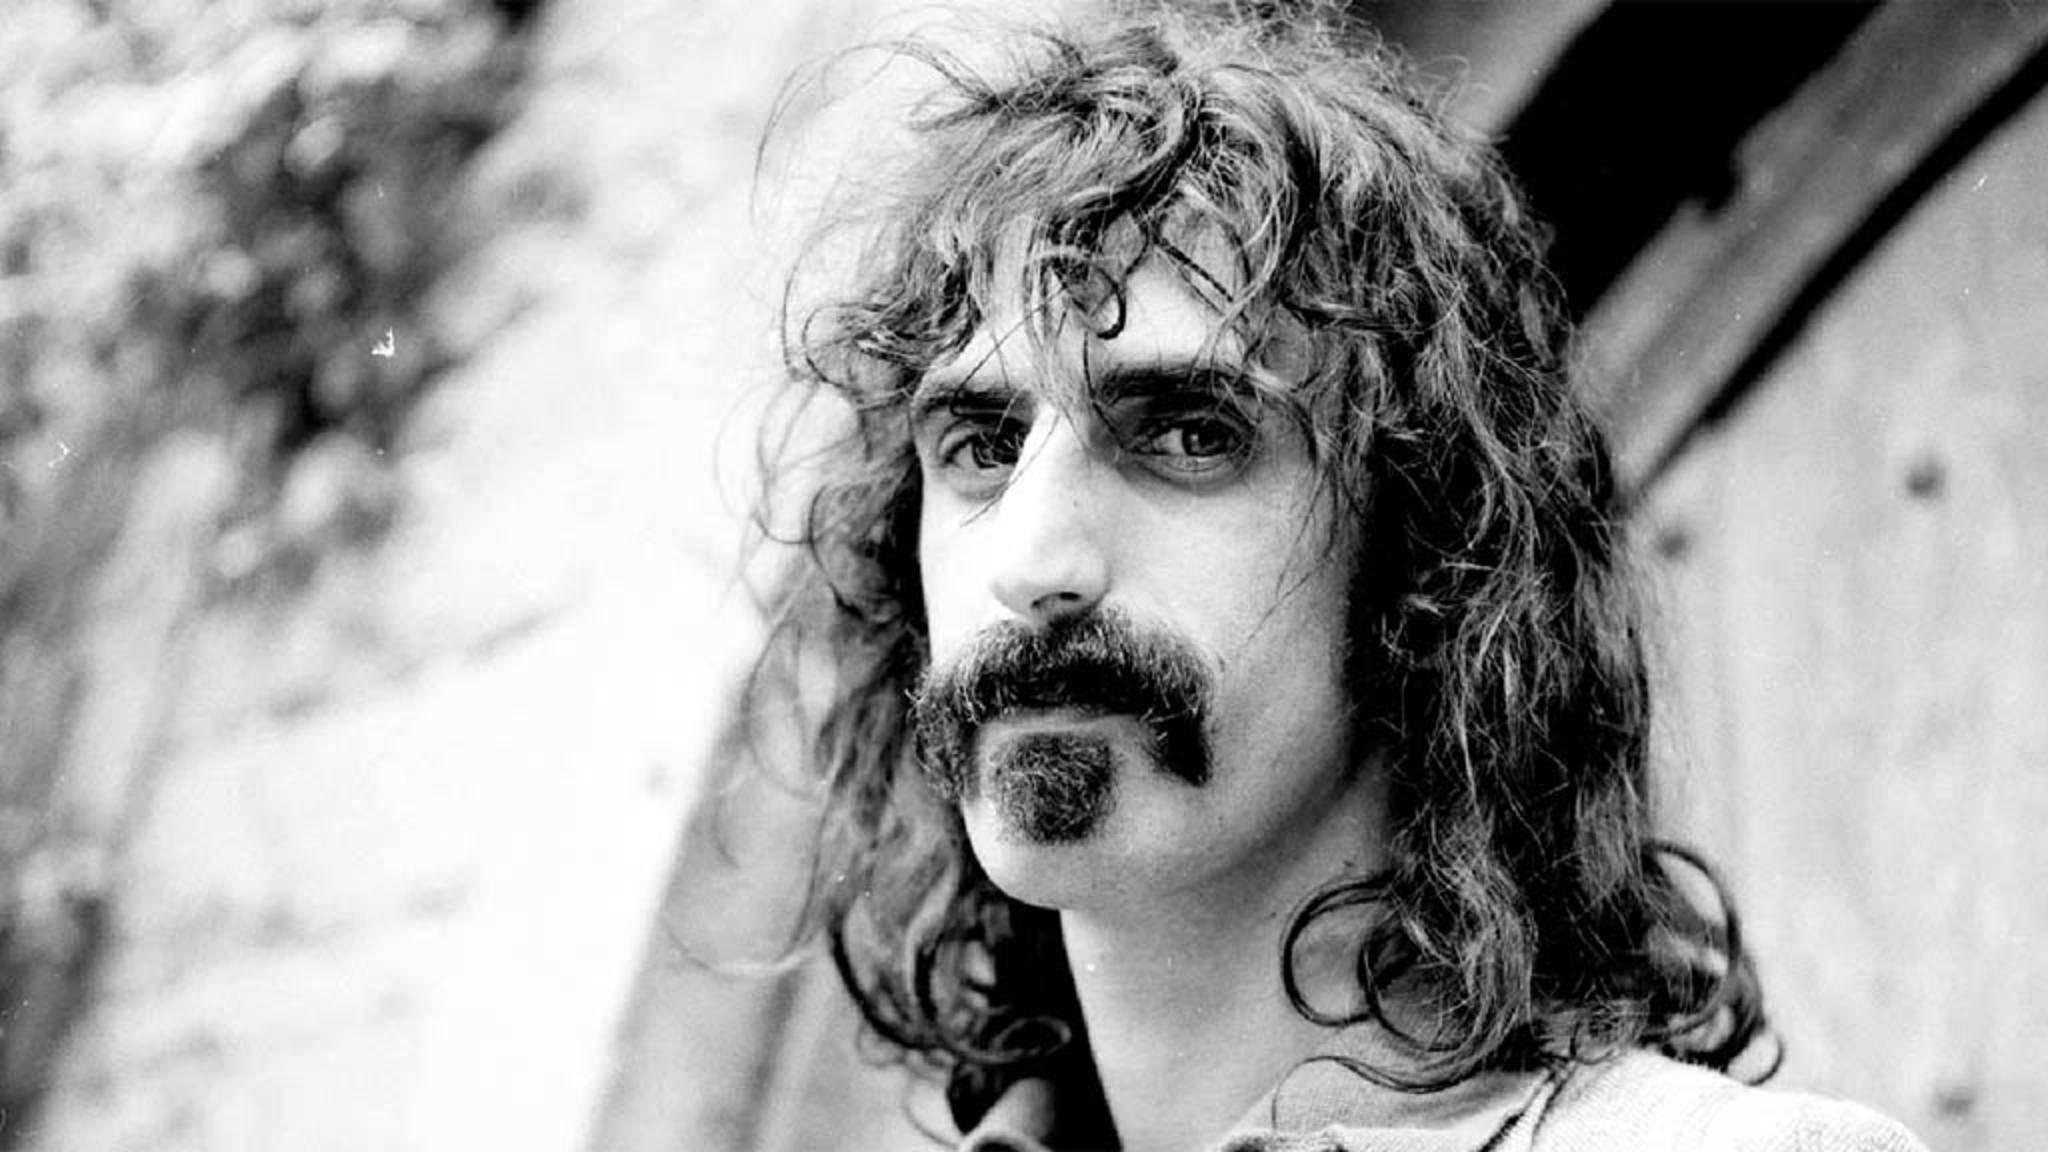 Kaum jemand hat so viele Alben veröffentlicht wie Musik-Visionär Frank Zappa. Wie gesagt: KAUM jemand...